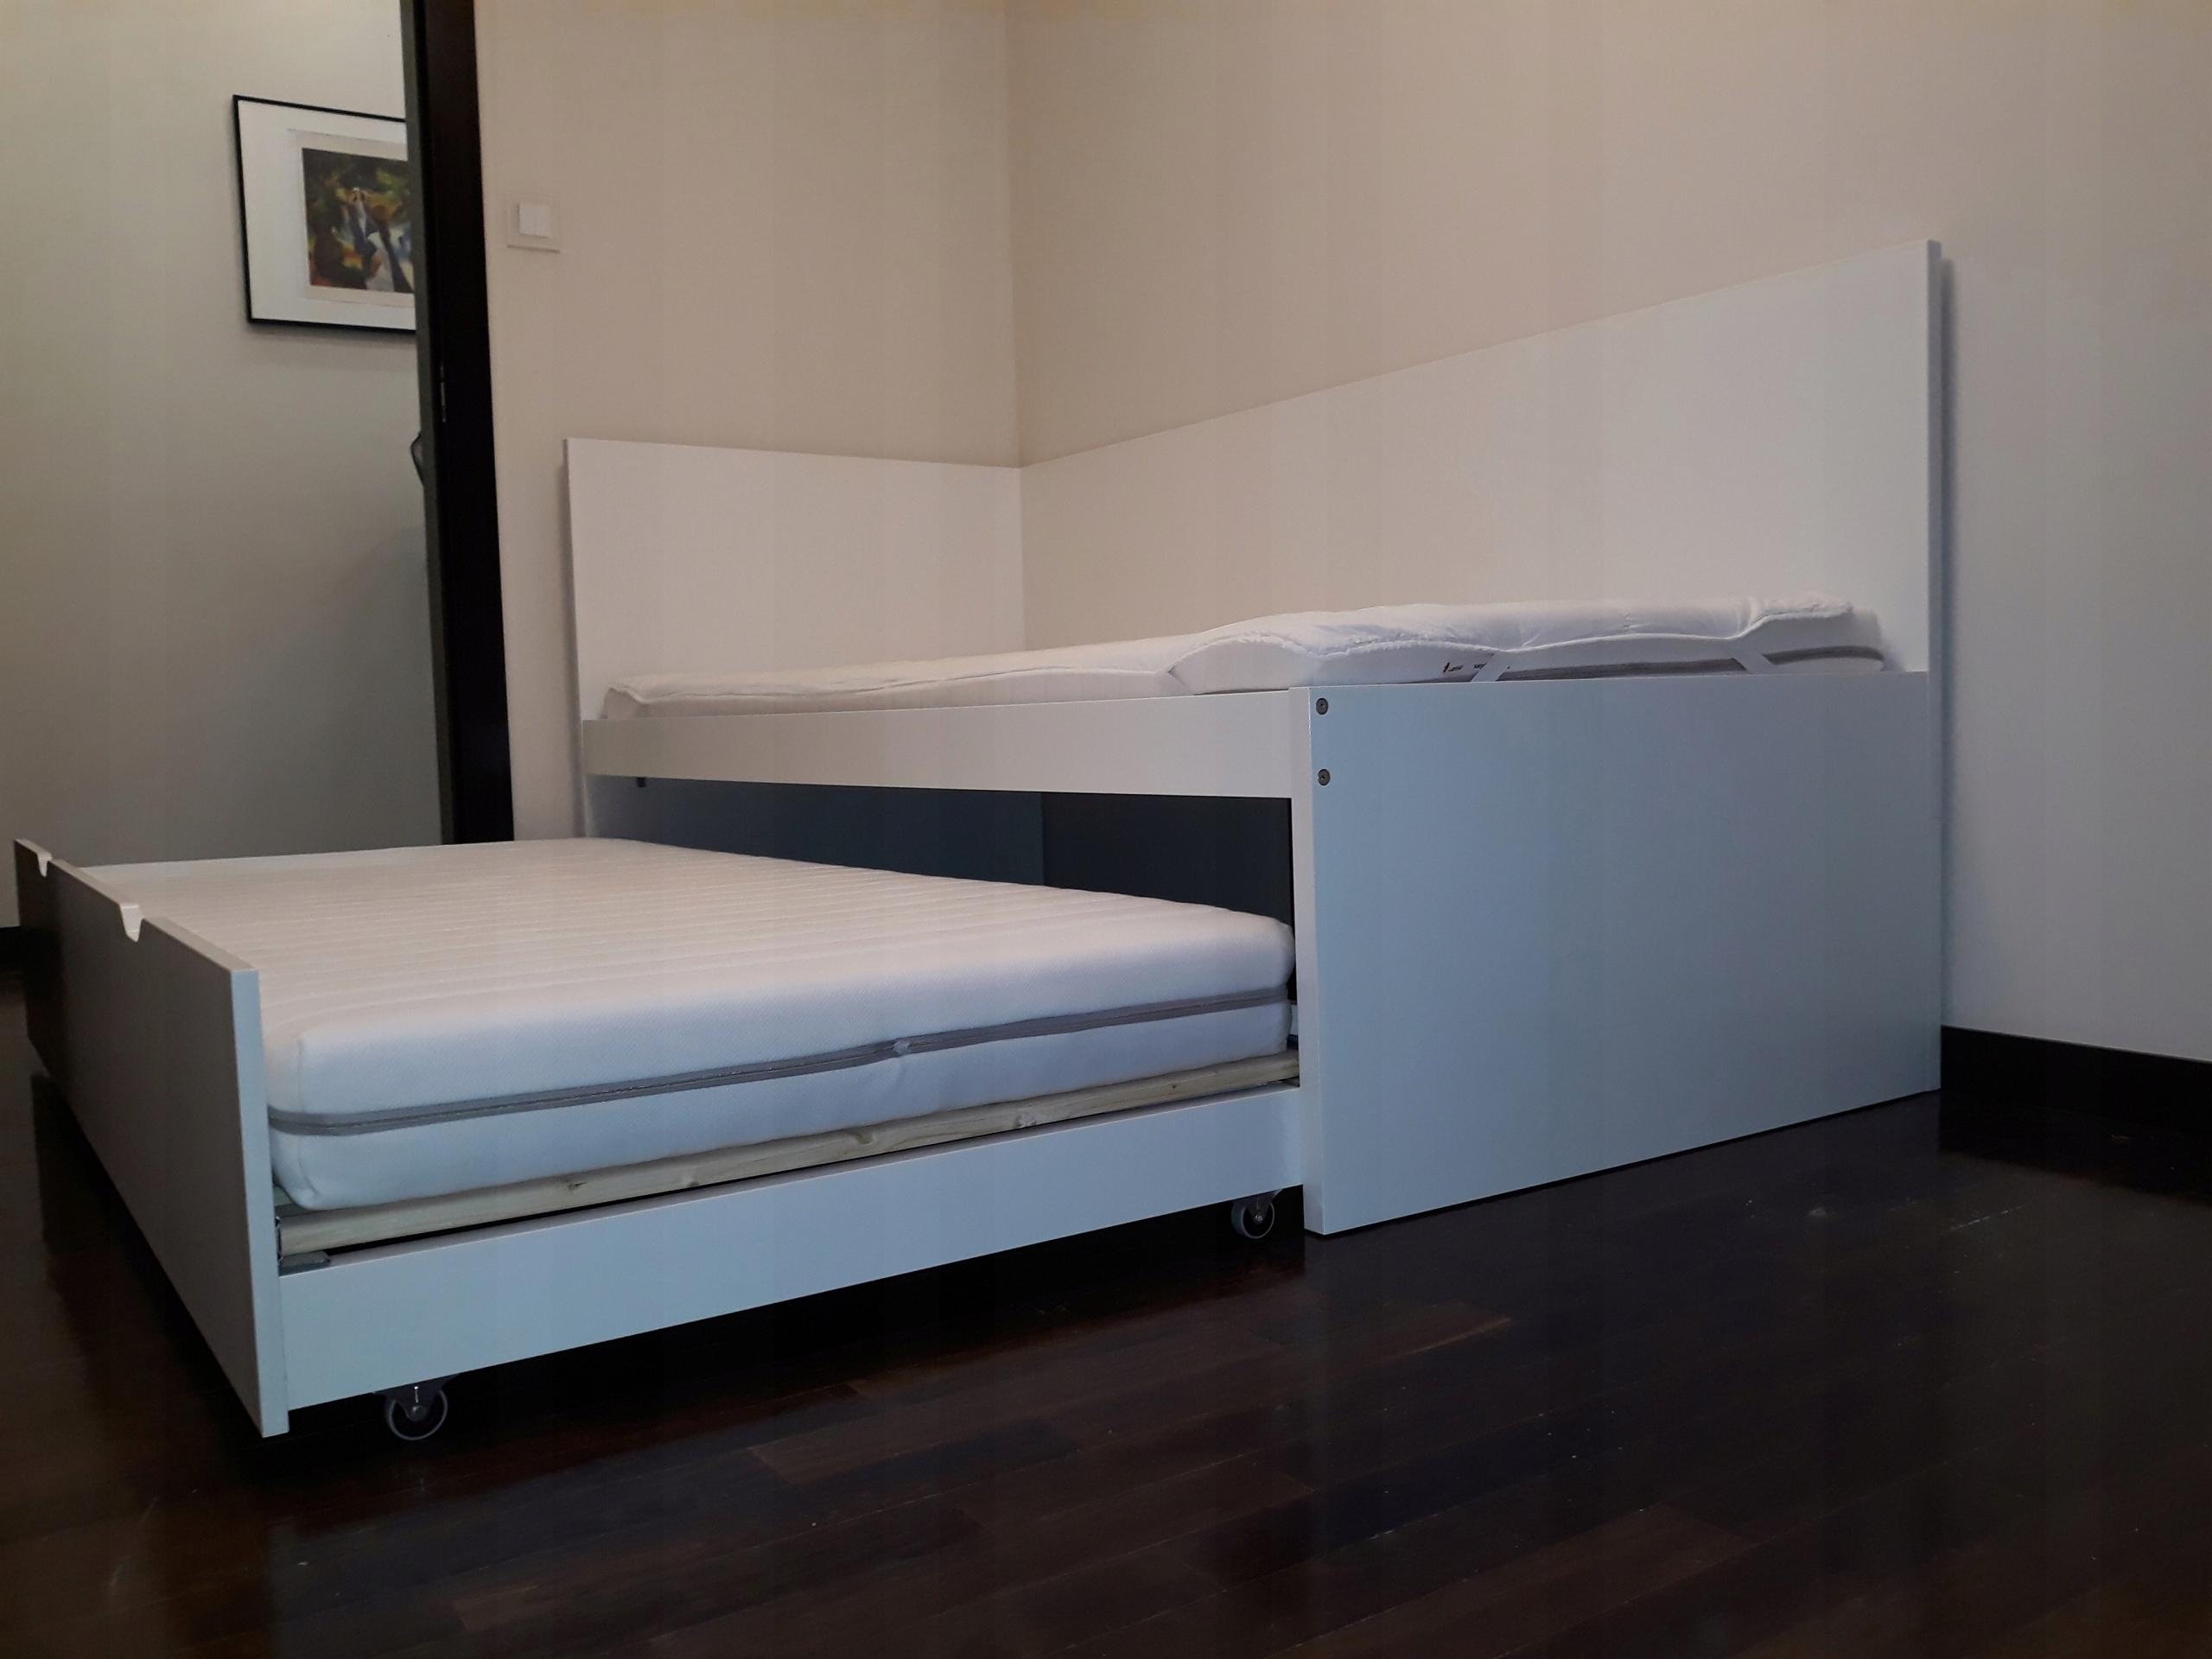 Ikea łóżko Dziecinne Podwójne 200x90 2 Materace 7565230135